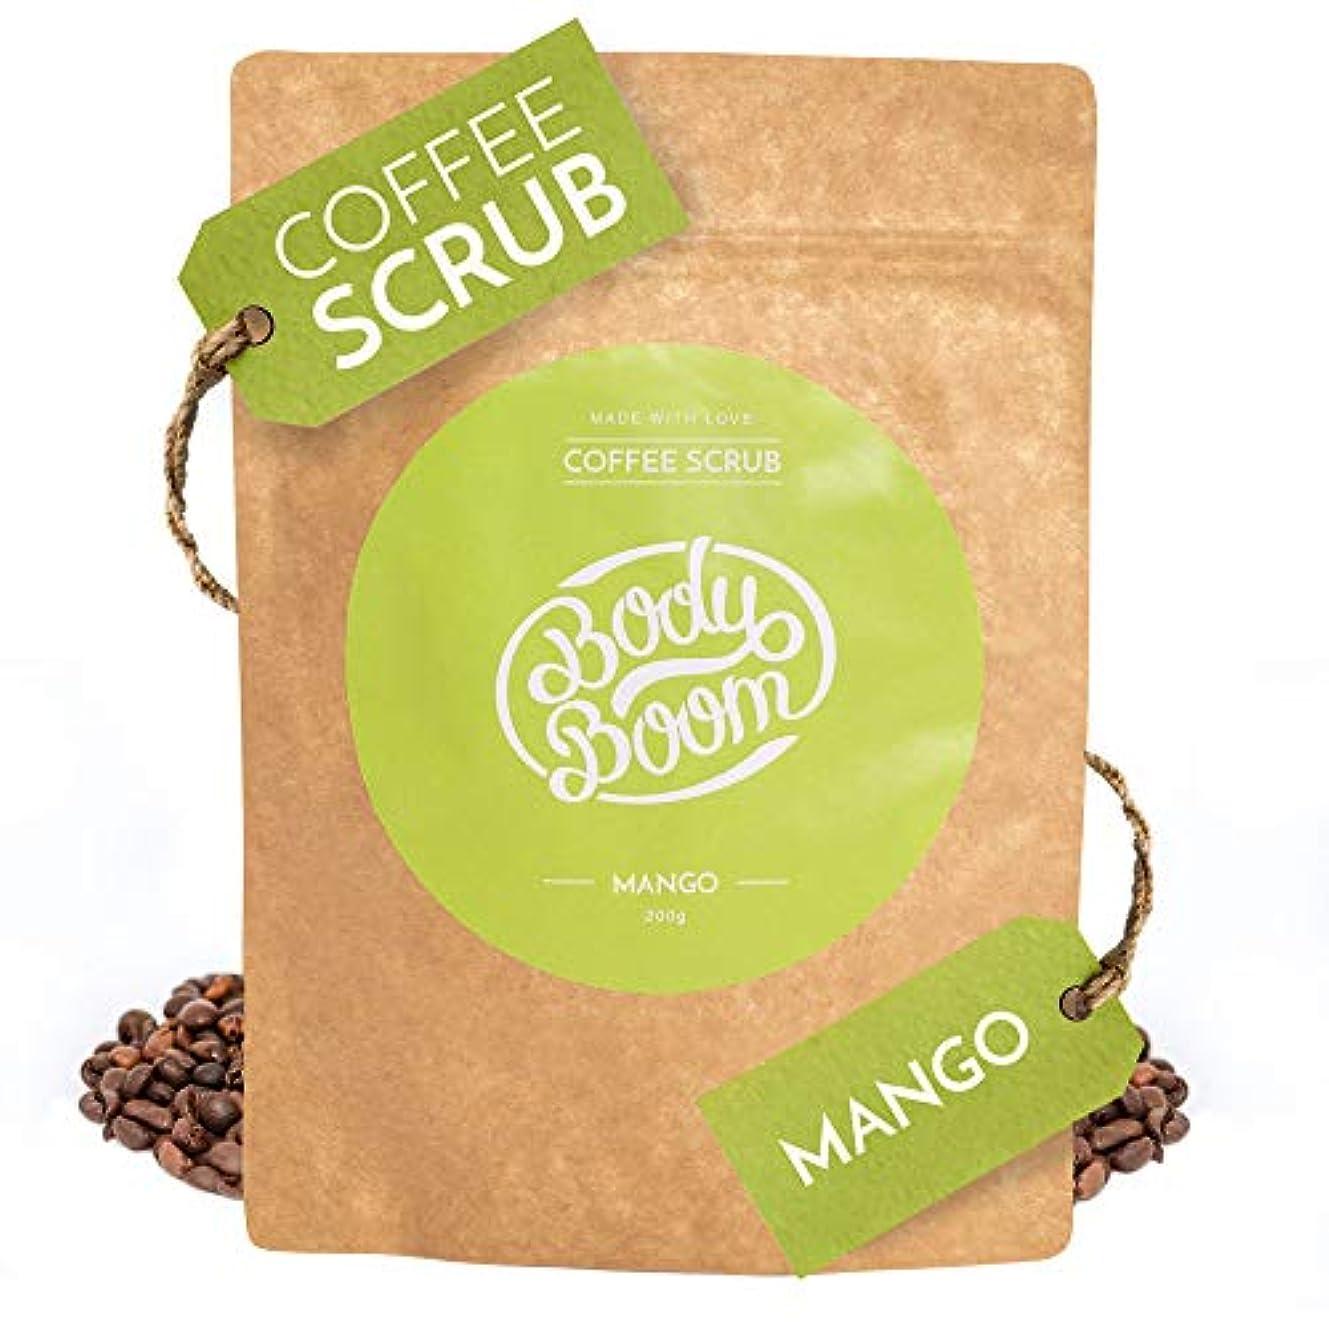 同時たくさん製造業コーヒースクラブ Body Boom ボディブーム マンゴー 200g